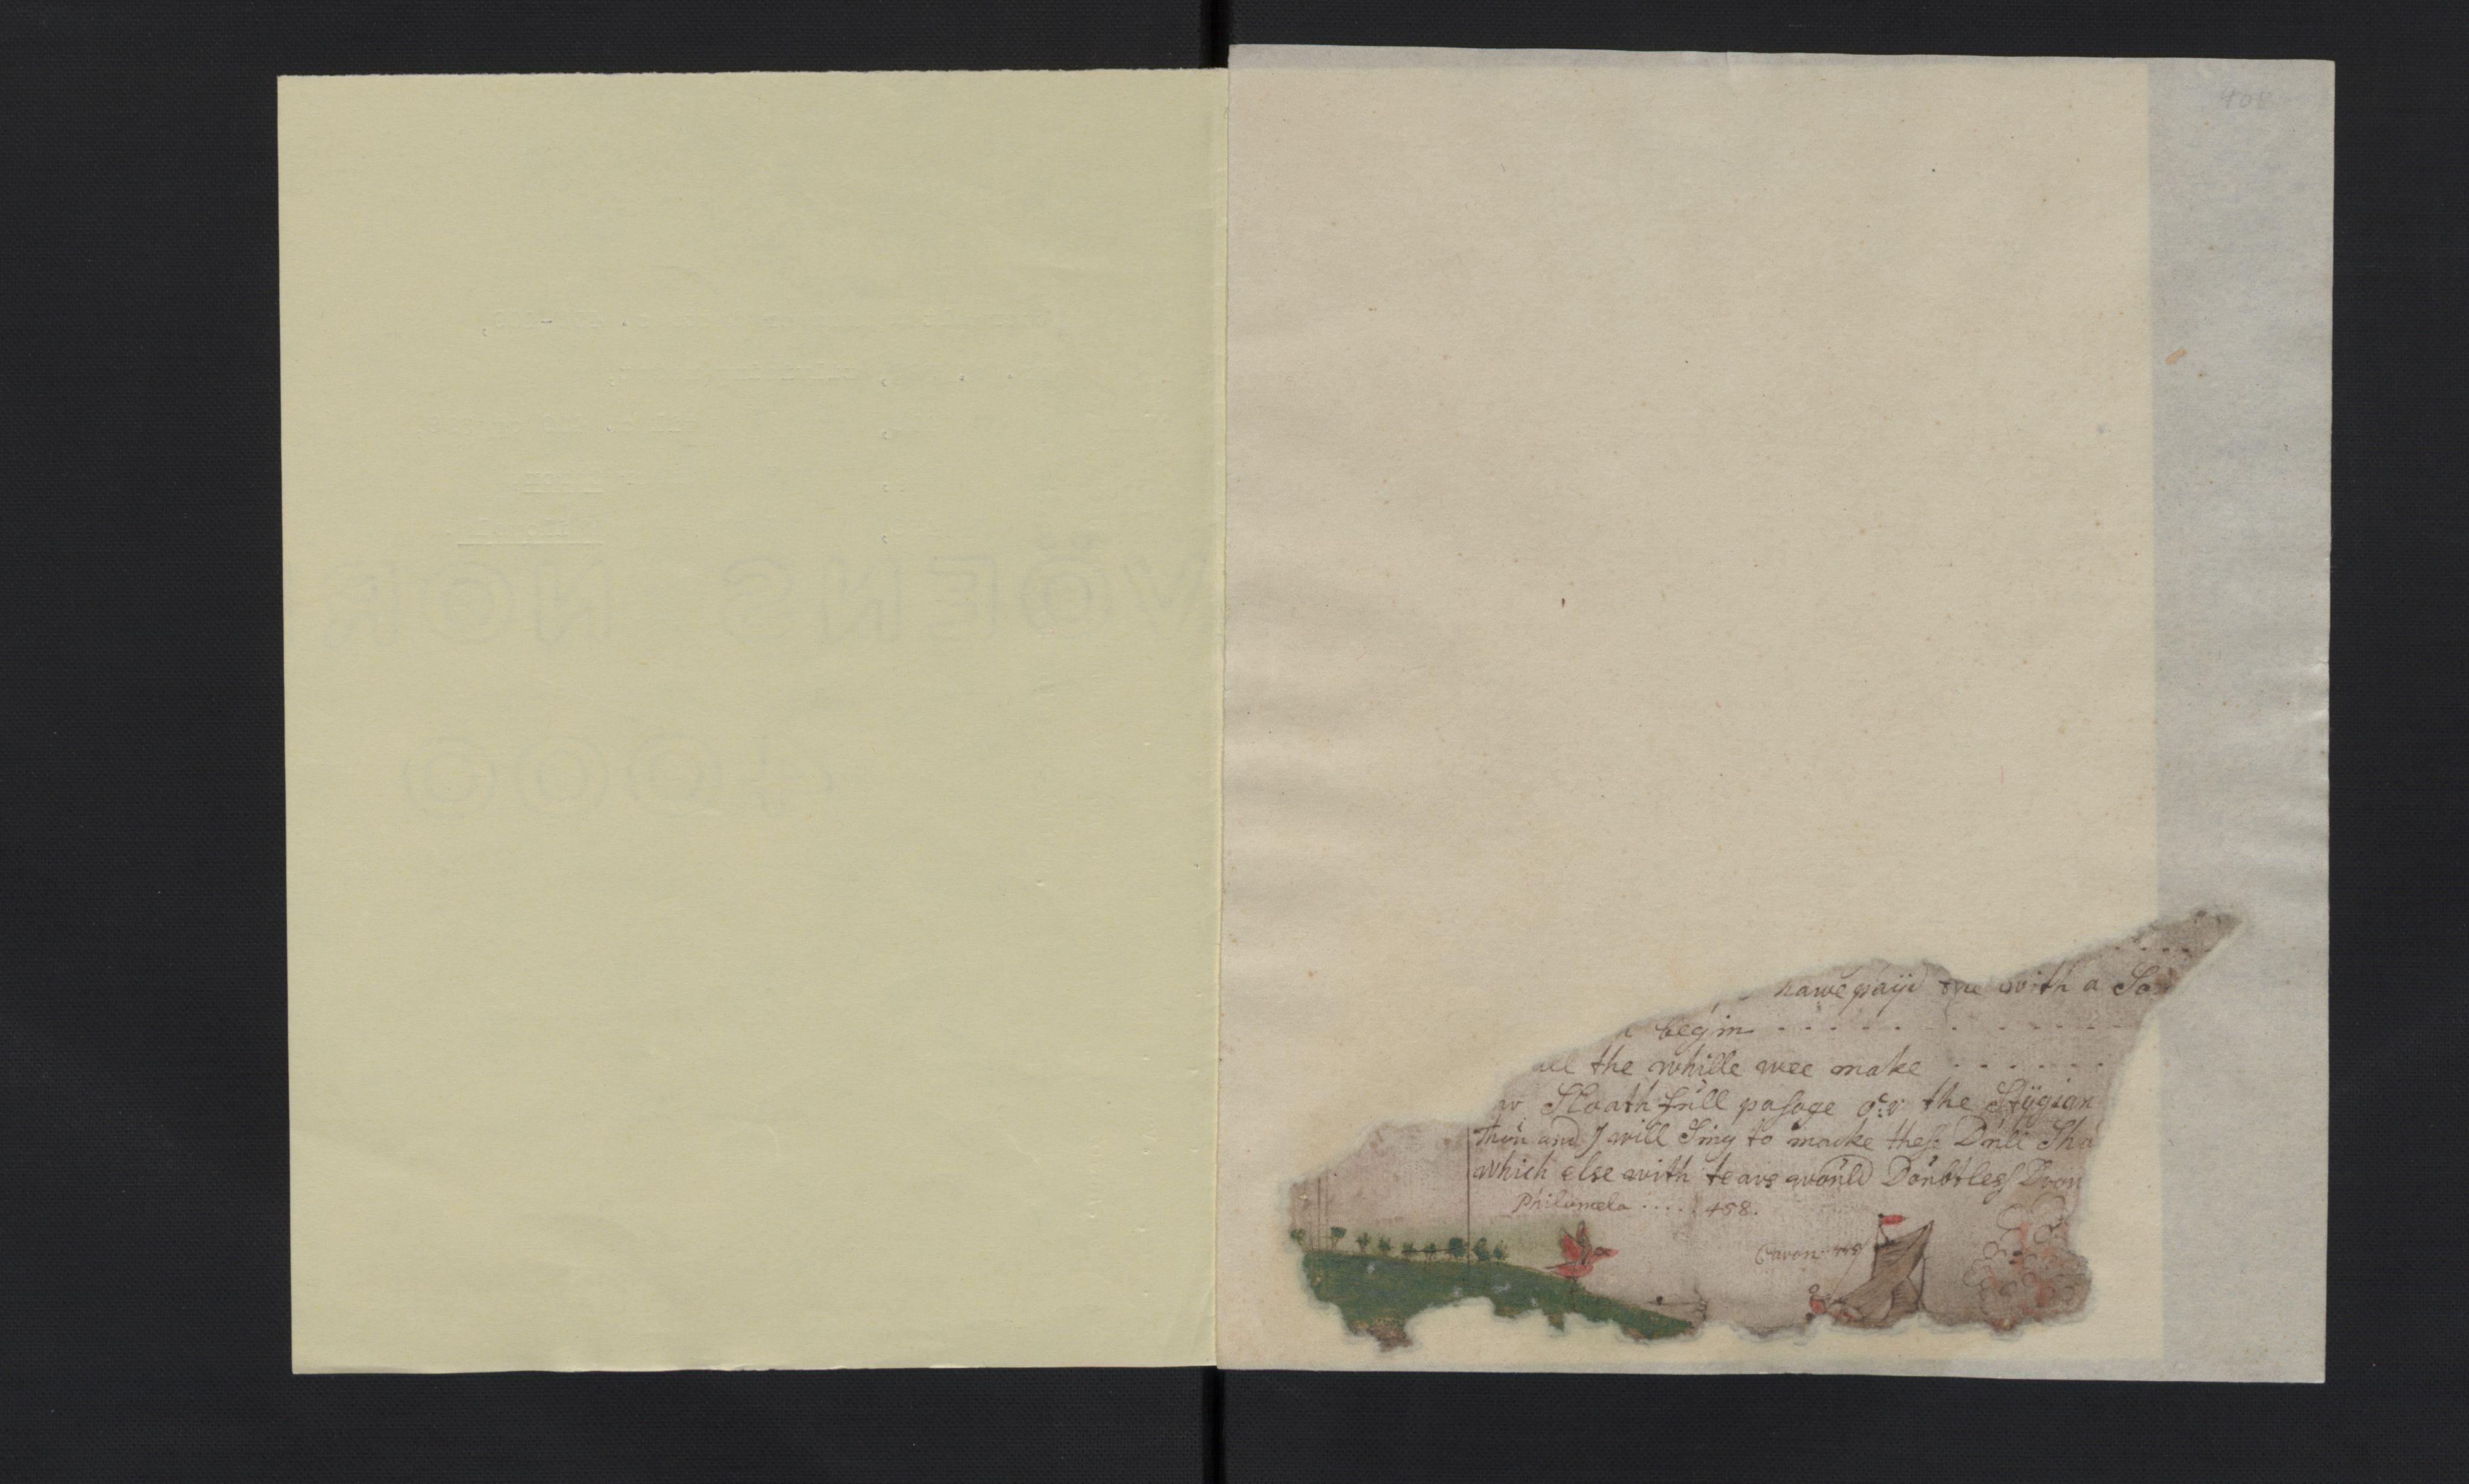 RA, Manuskriptsamlingen, G/L0048b: Nils Trosners dagbok ført på flåten 1710-1713 bd. II, 1710-1713, p. 520